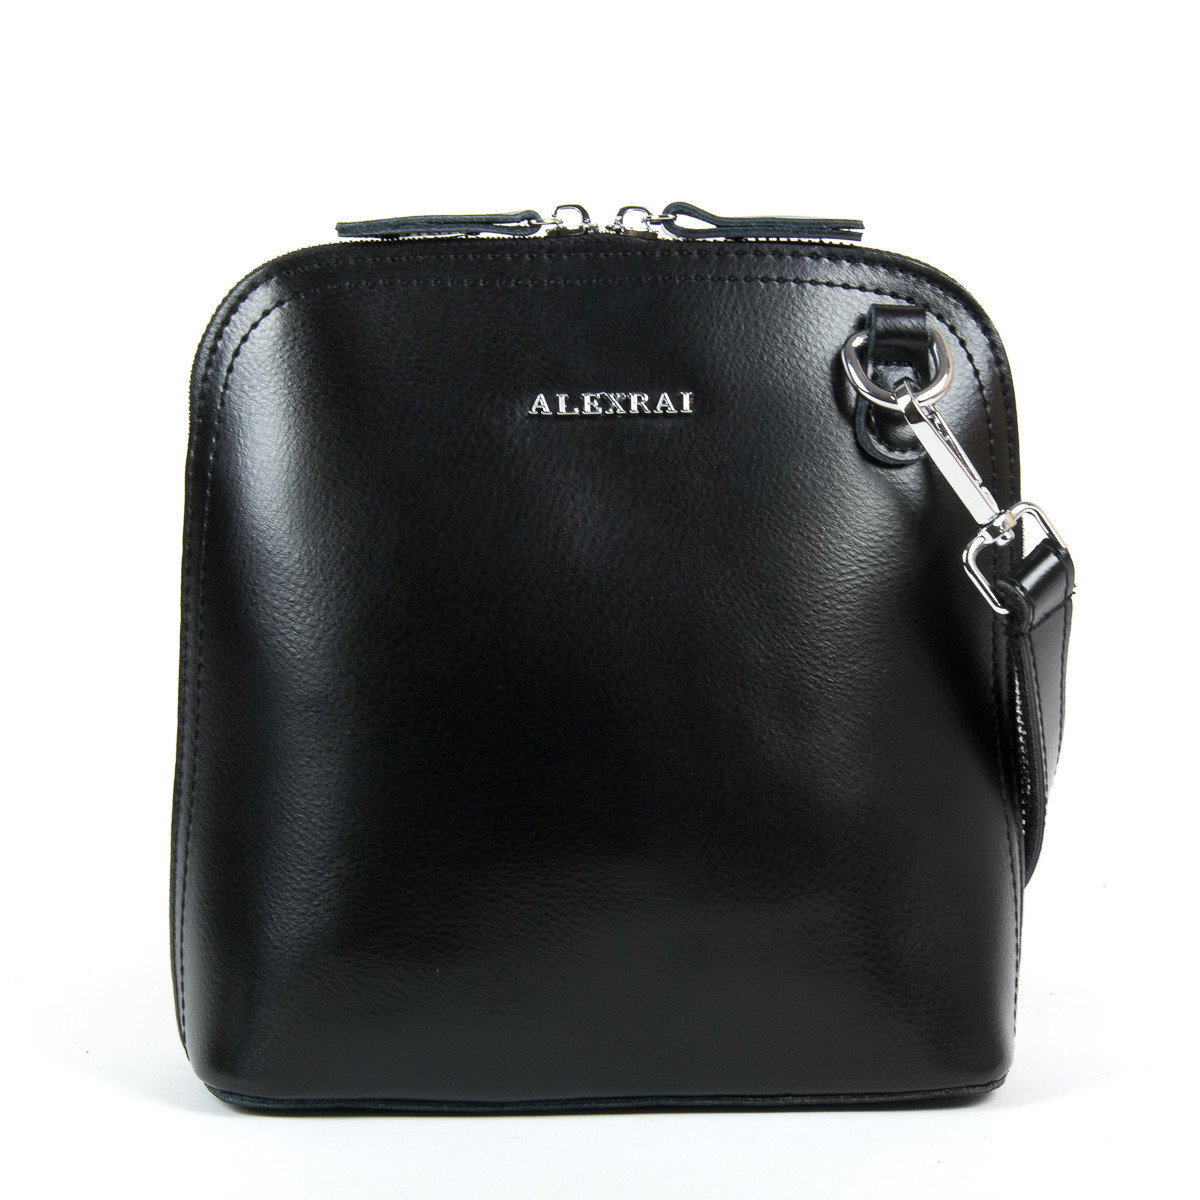 Сумка Жіноча Класична шкіра ALEX RAI 05-01 8803 черная